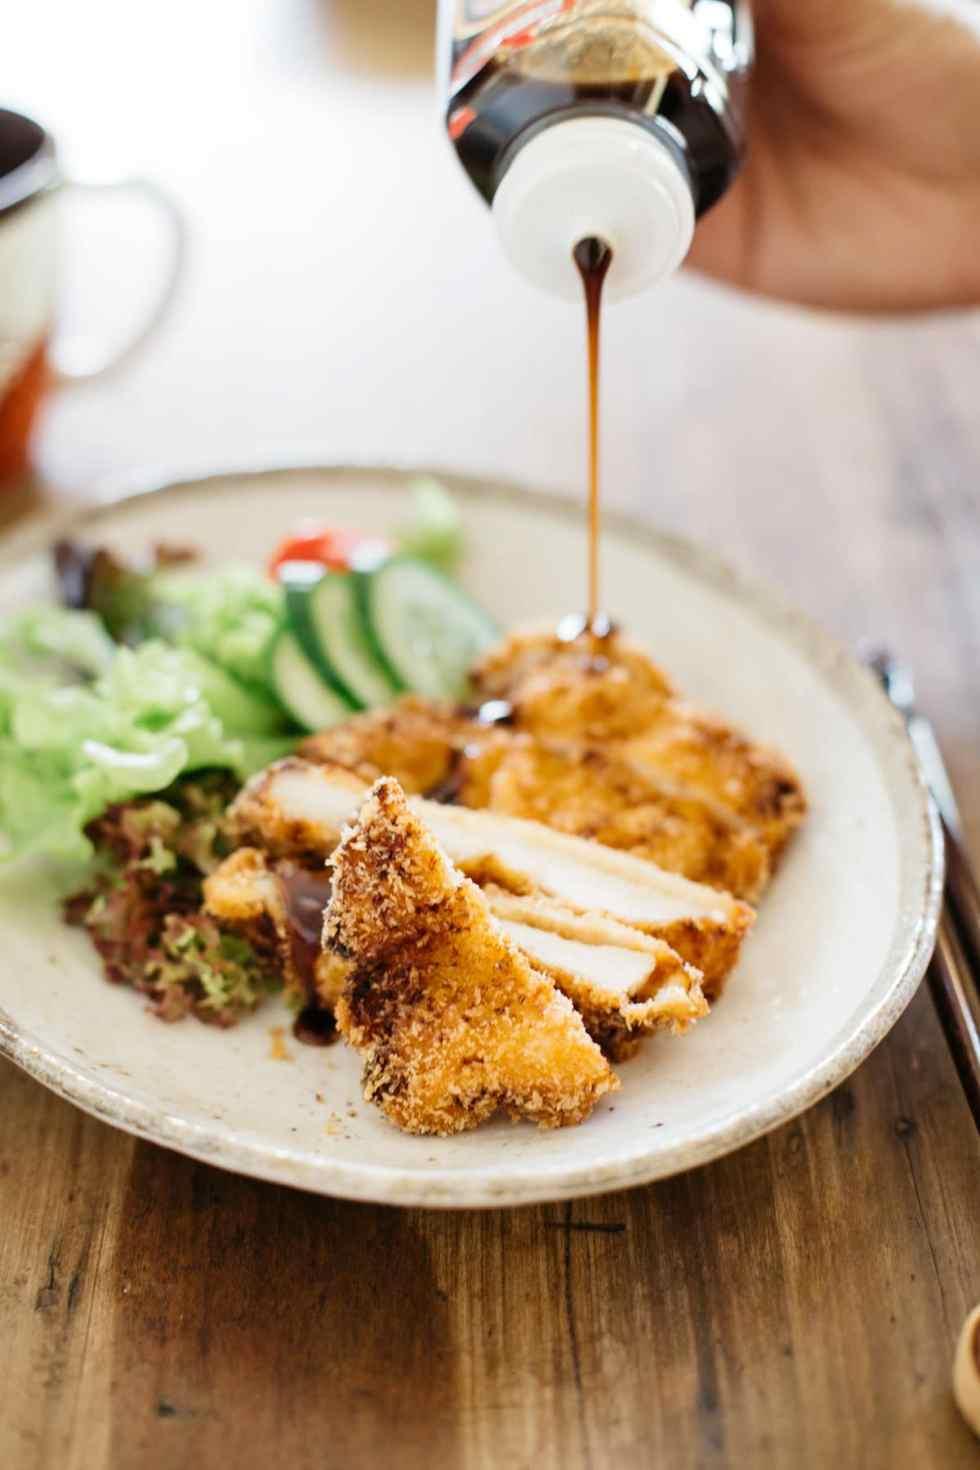 Tonkatsu sauce poured over chicken katsu